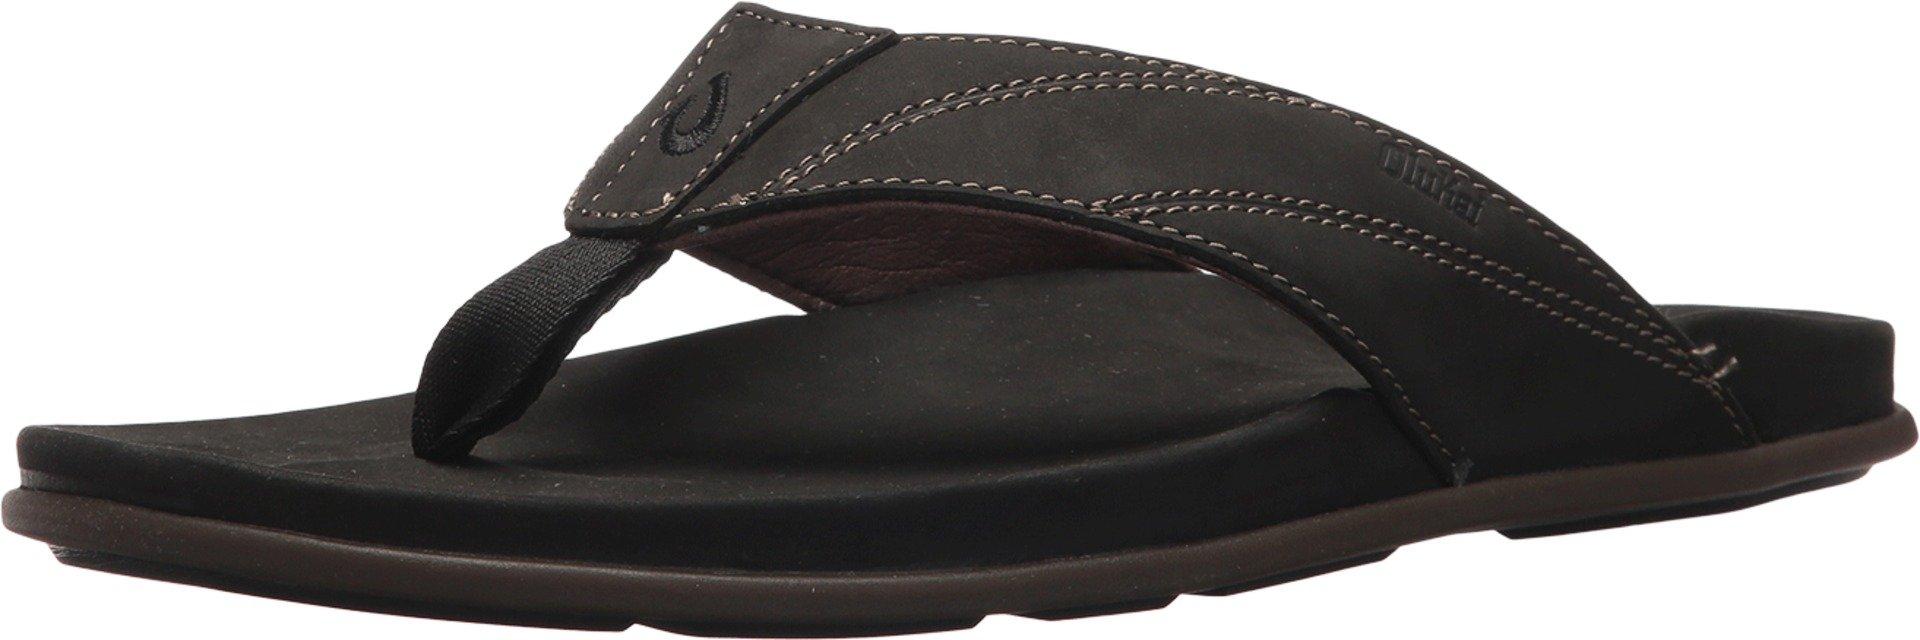 OLUKAI Pikoi Sandal, Black/Black, 12